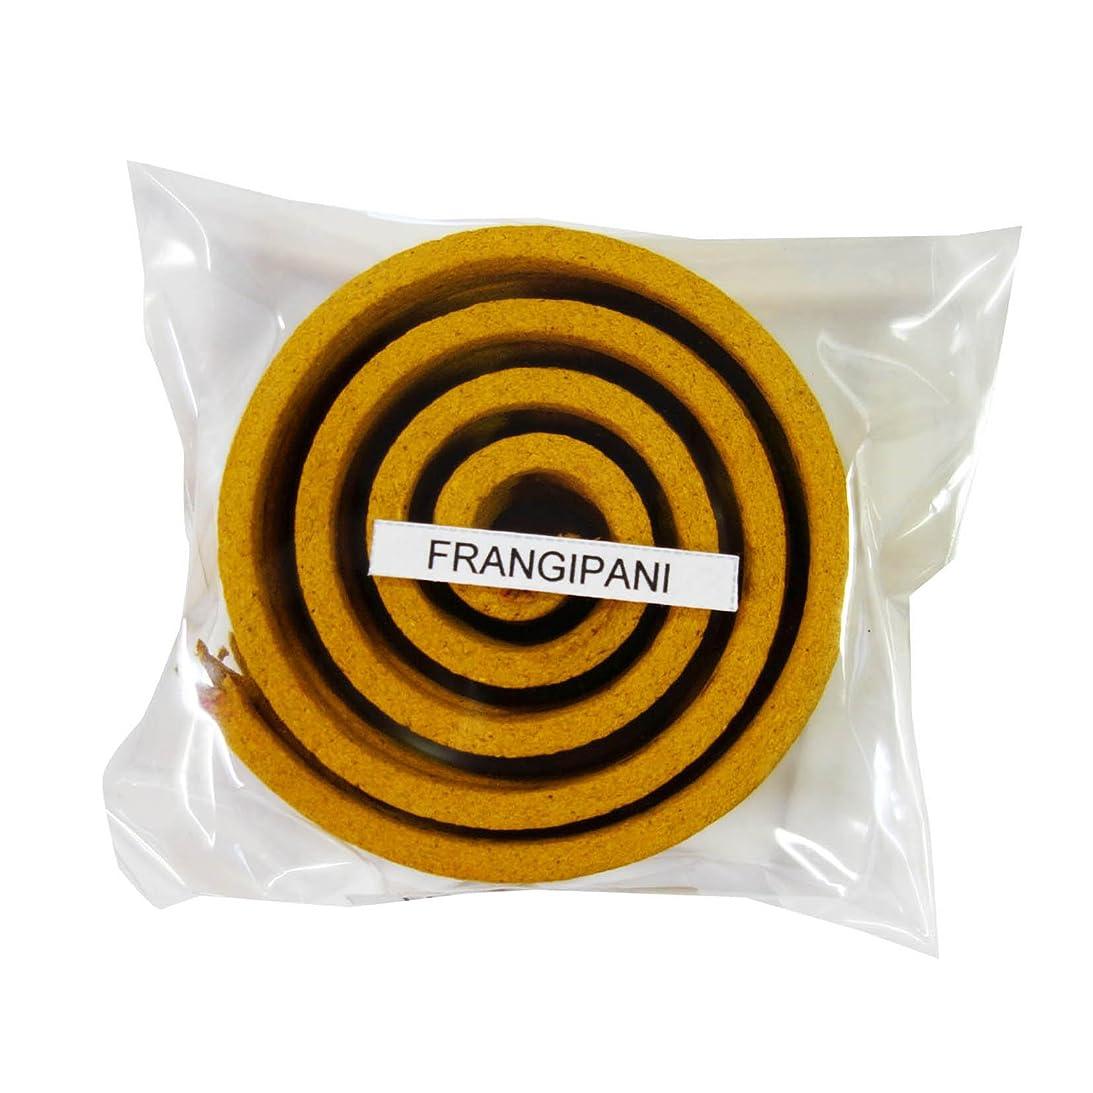 噛む広告するミトンお香/うずまき香 FRANGIPANI フランジパニ 直径6.5cm×5巻セット [並行輸入品]